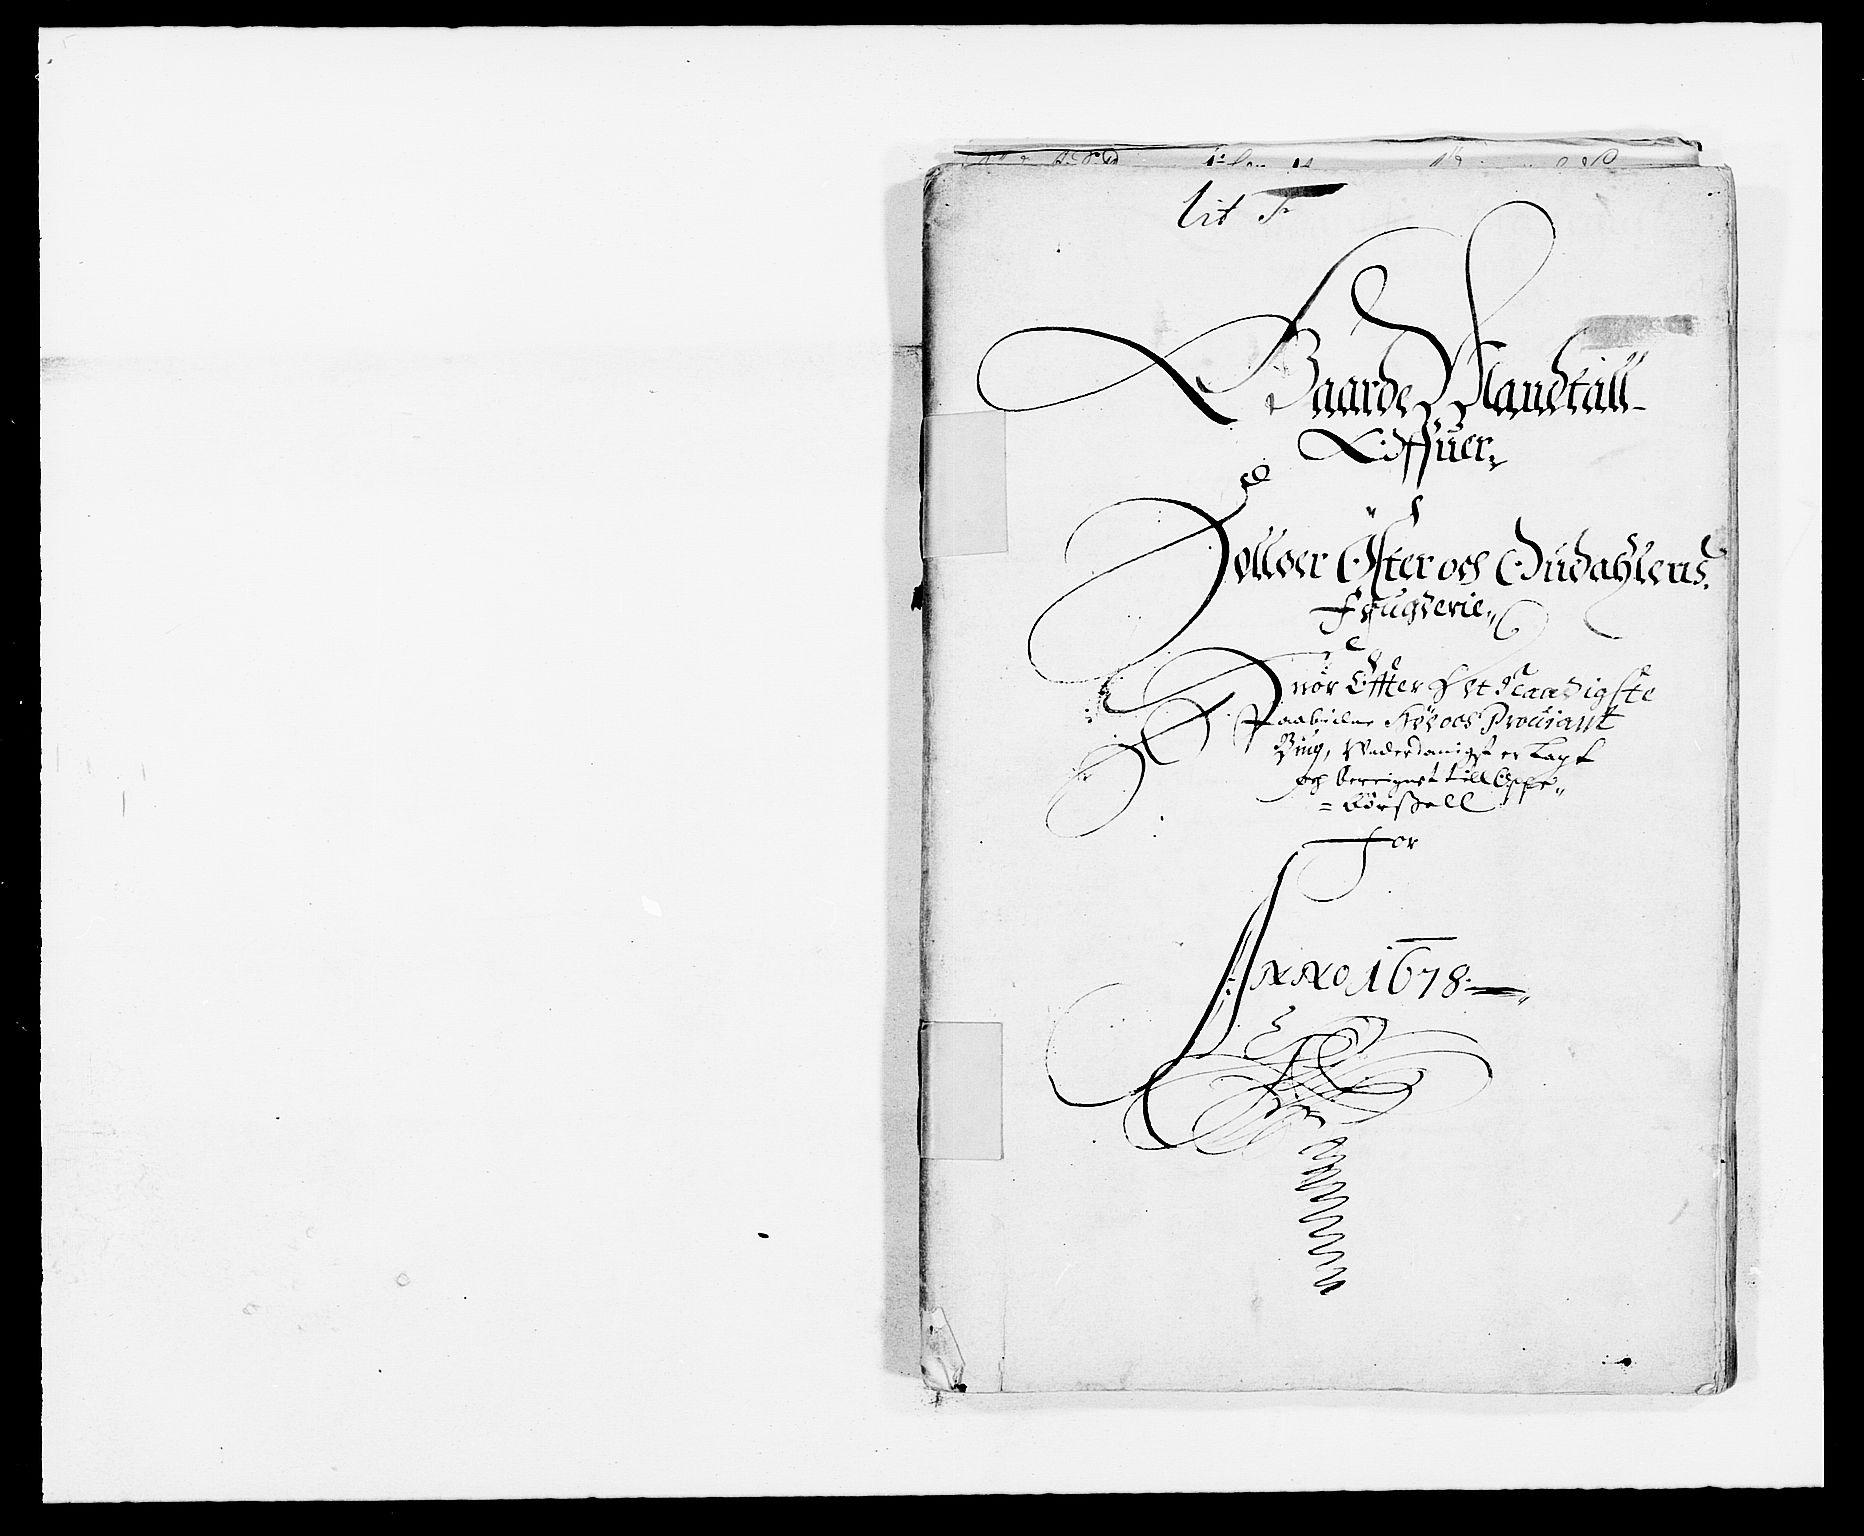 RA, Rentekammeret inntil 1814, Reviderte regnskaper, Fogderegnskap, R13/L0815: Fogderegnskap Solør, Odal og Østerdal, 1678, s. 129